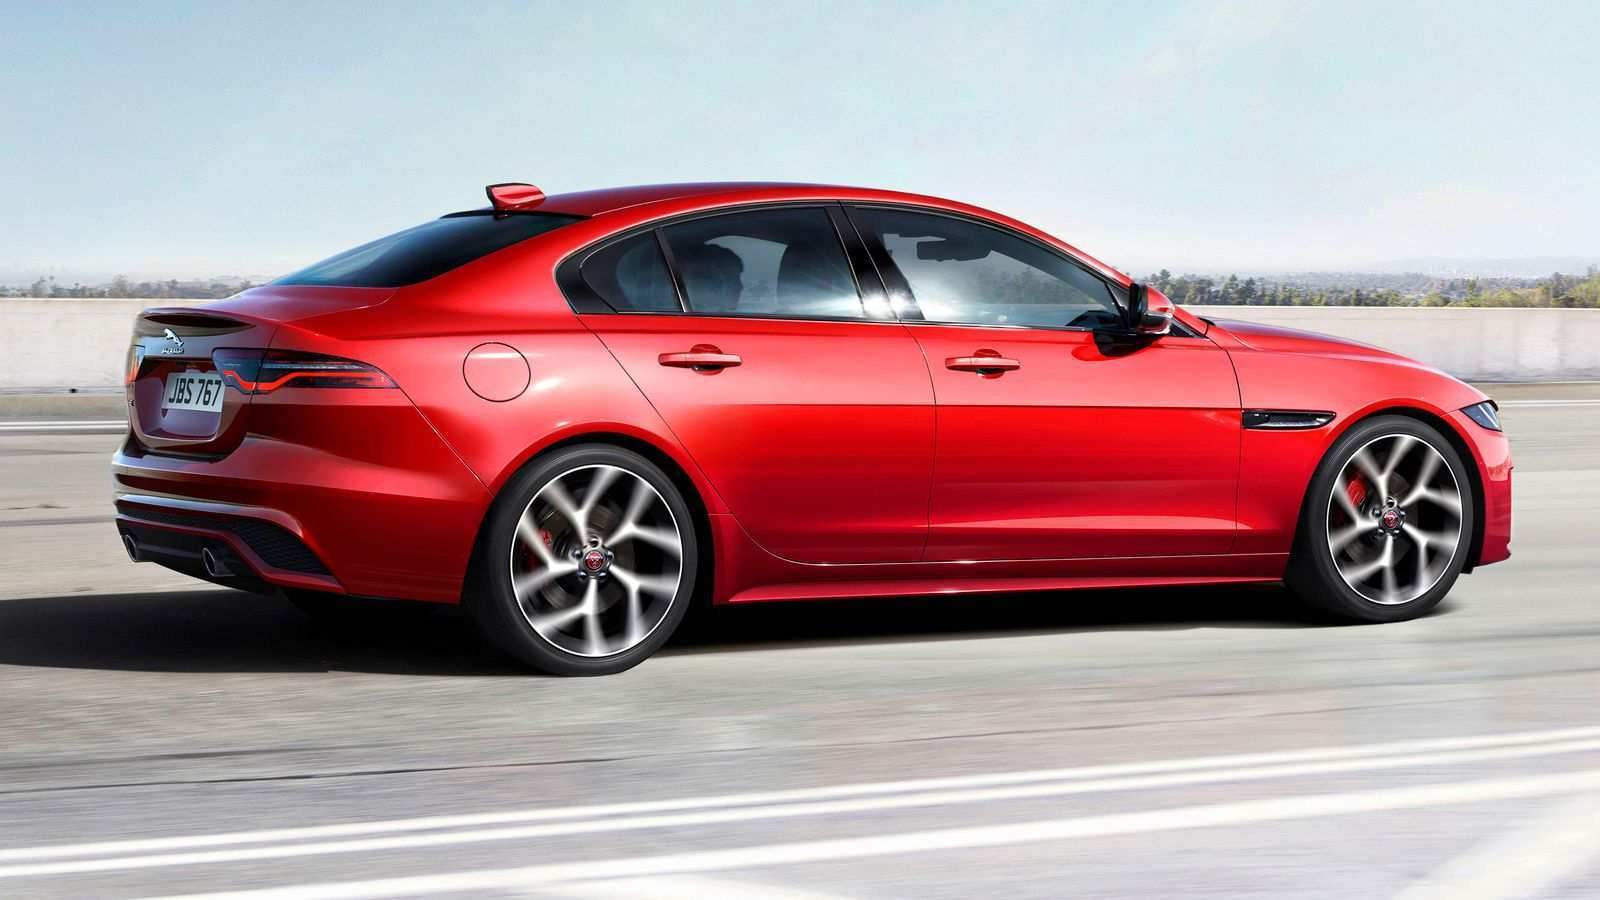 66 Best Review Jaguar Sedan 2020 Research New with Jaguar Sedan 2020